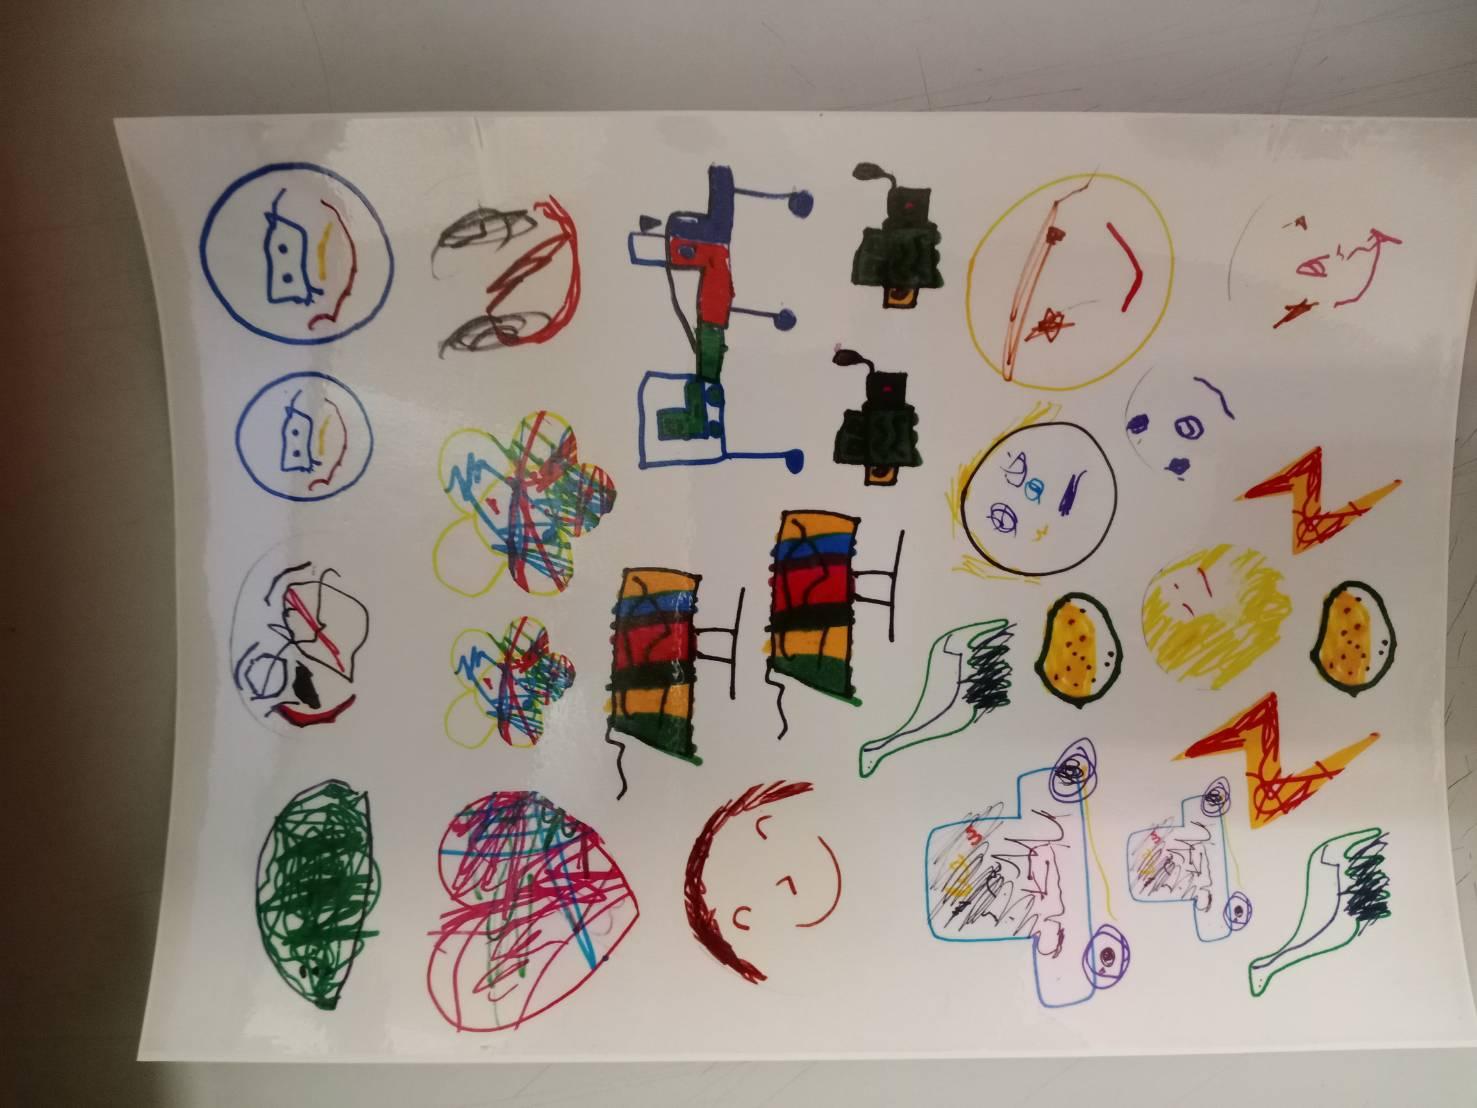 作品也可以是紋身貼紙